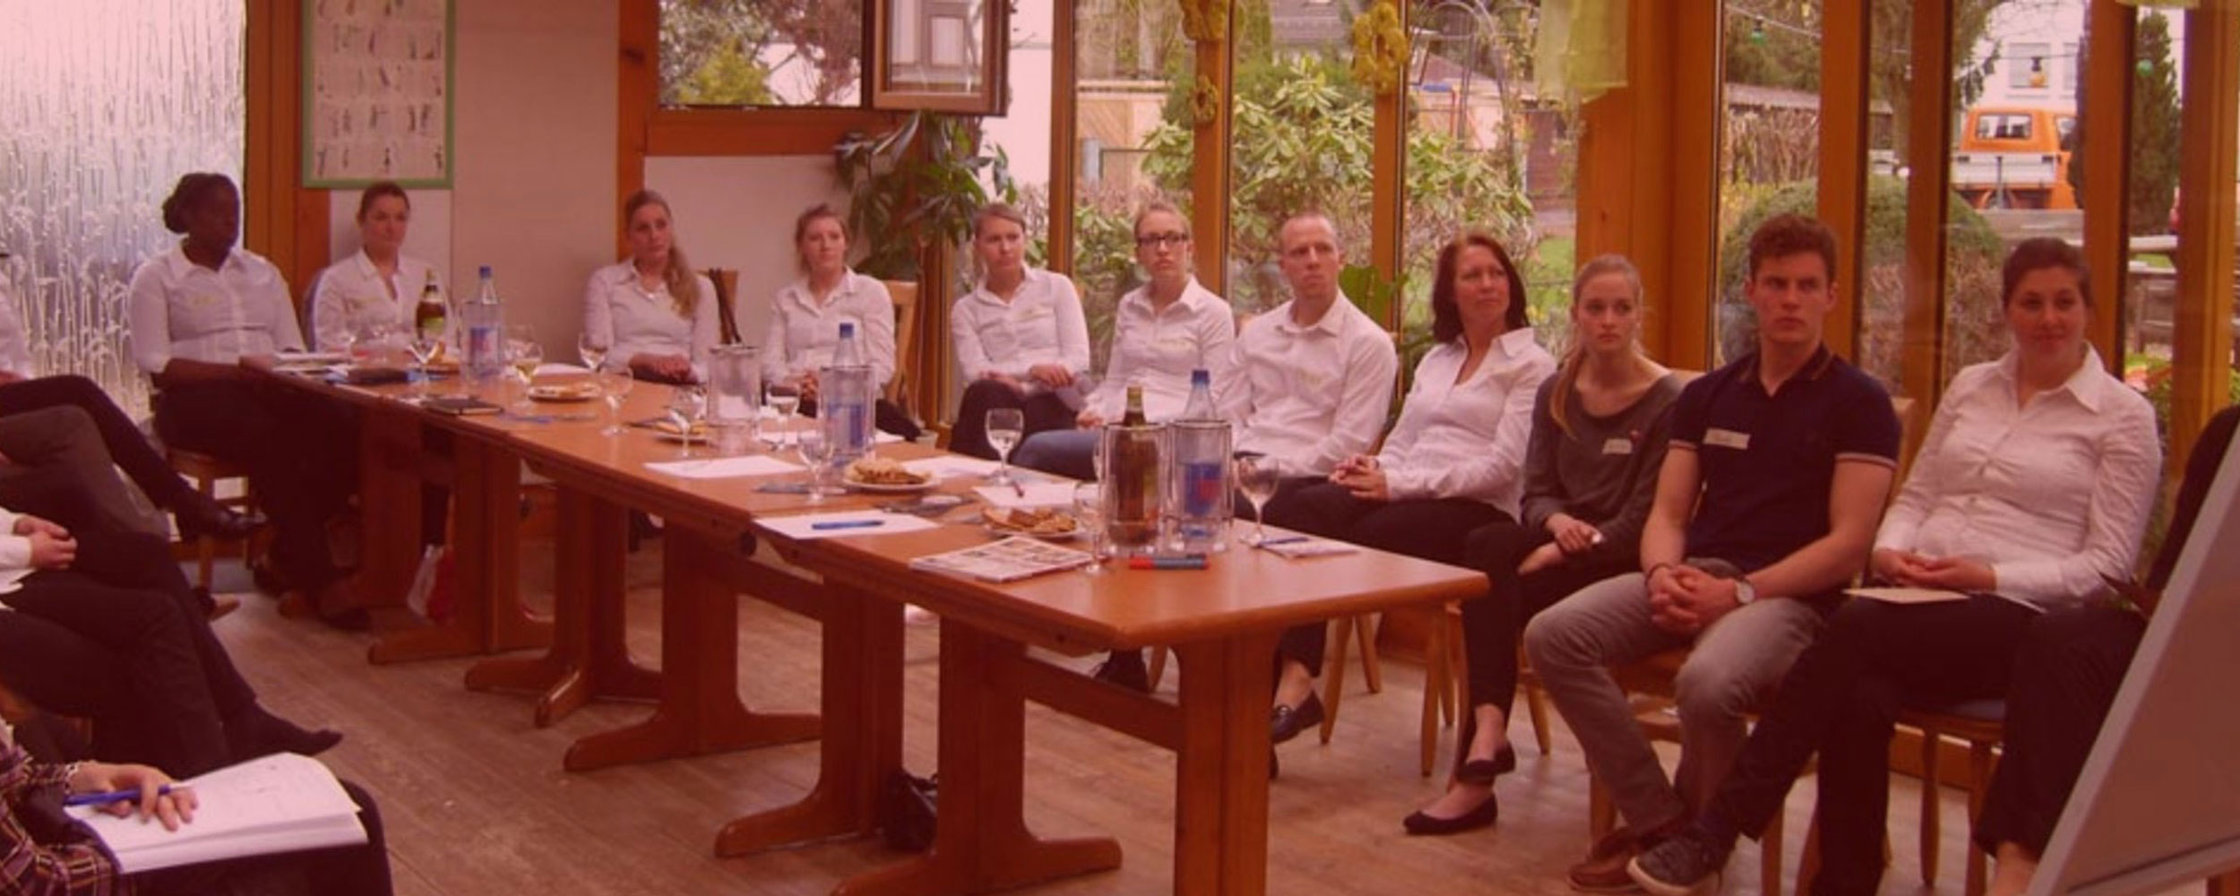 1-Seminare-und-Workshops-Gastronomie